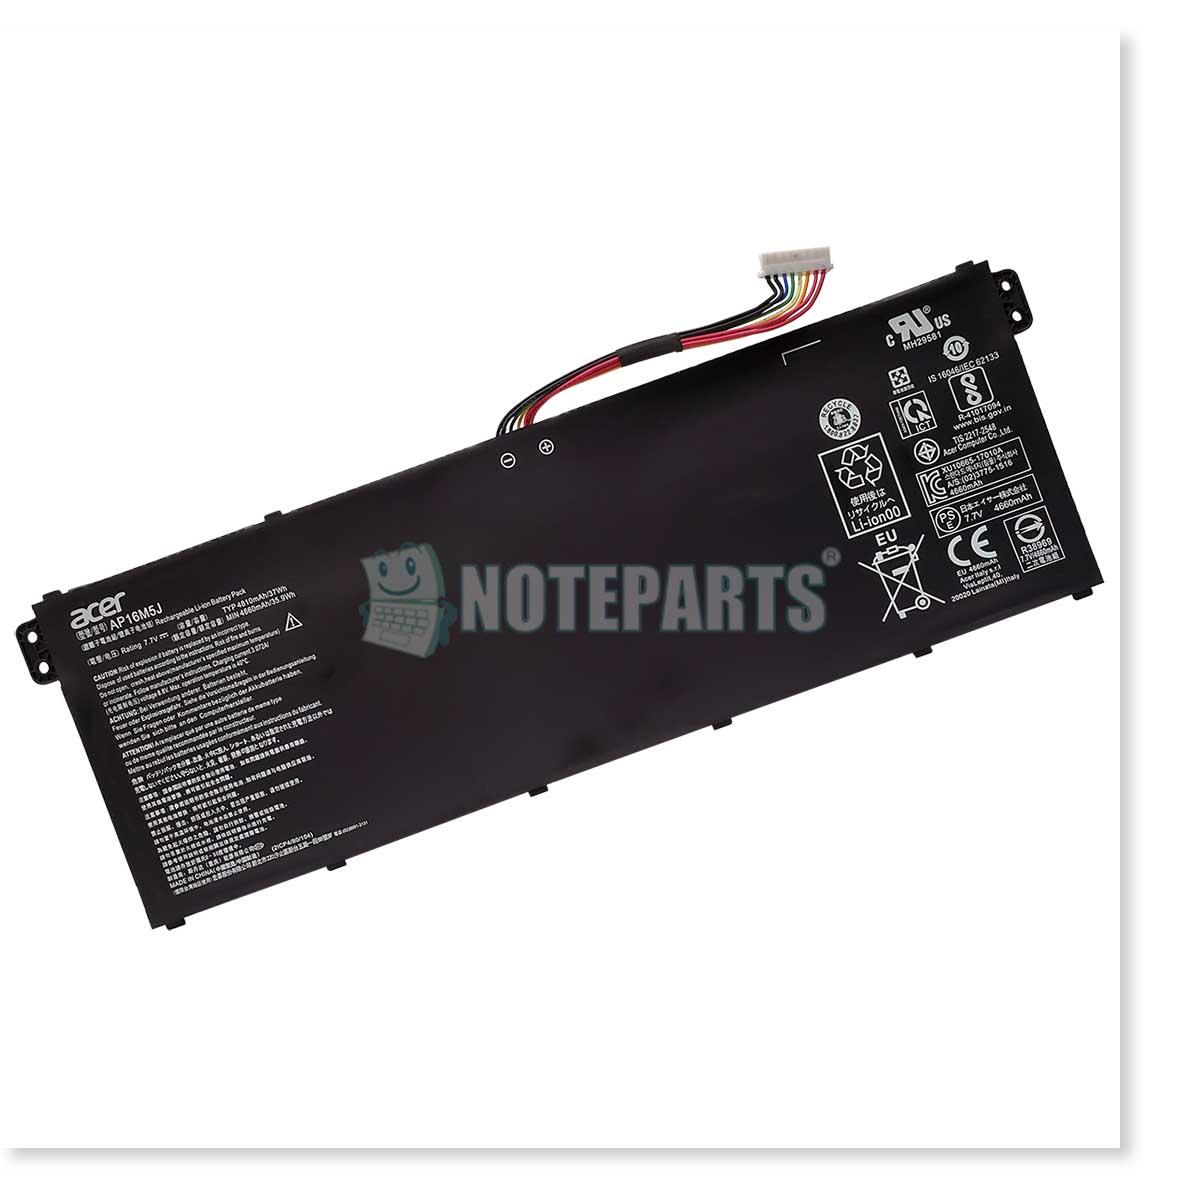 Acer純正 エイサー Aspire A114-31 A114-32 A315-33 A315-34 A315-53 A315-56 バッテリー AP16M5J